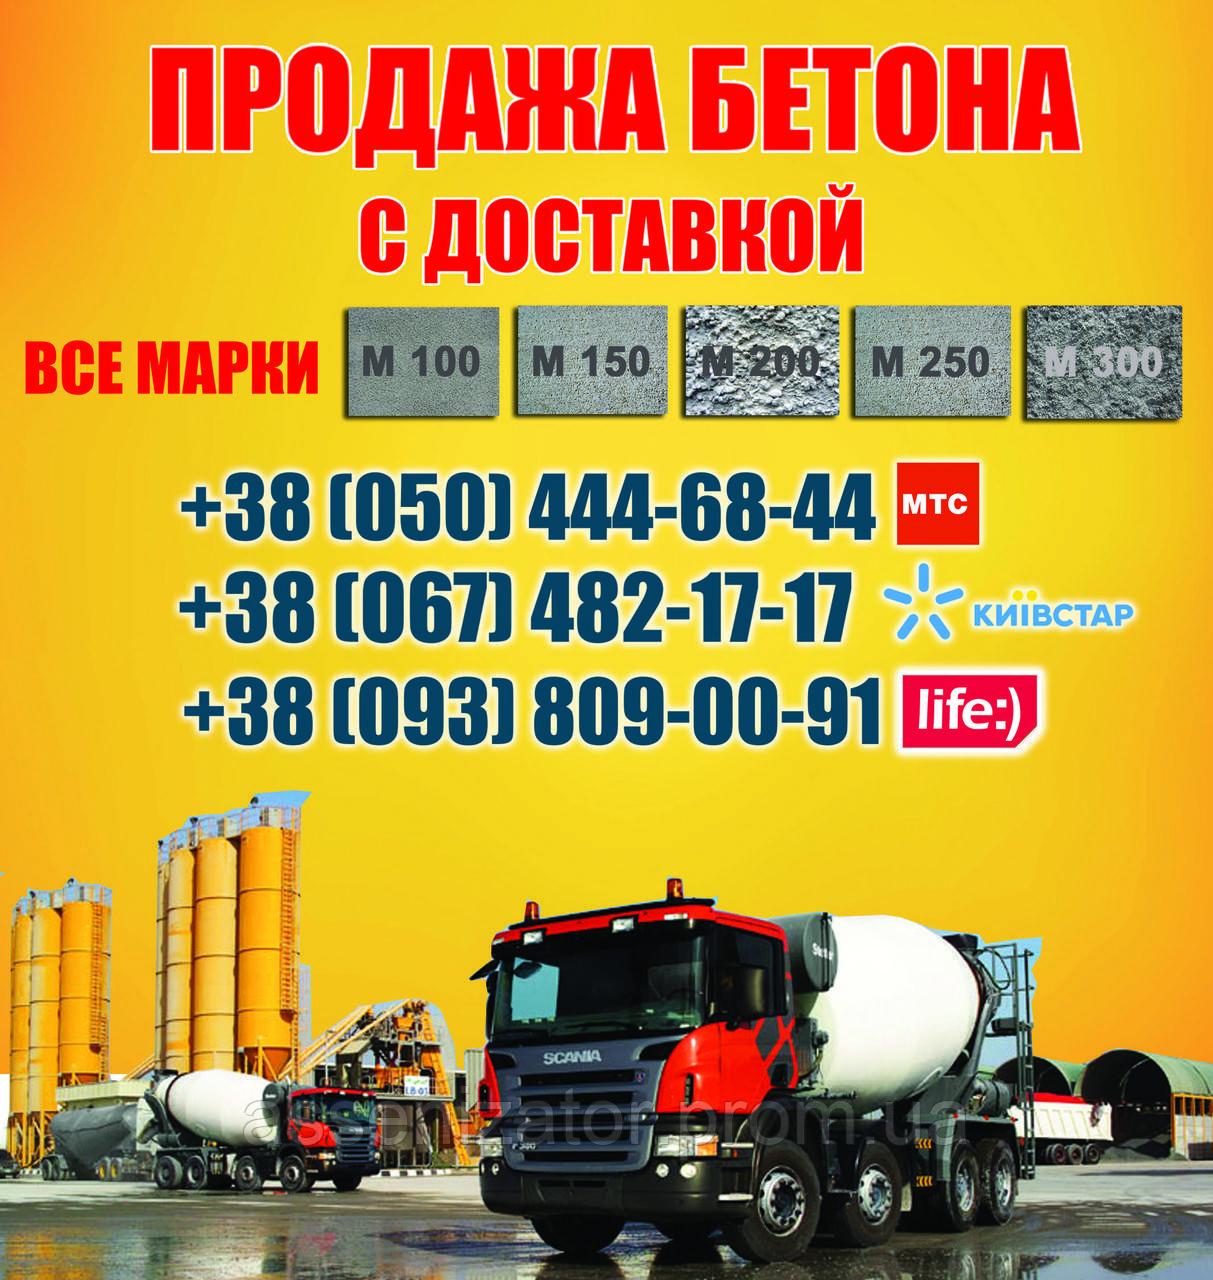 Купить бетоновоз бетона купить бетон в абакане с доставкой цена